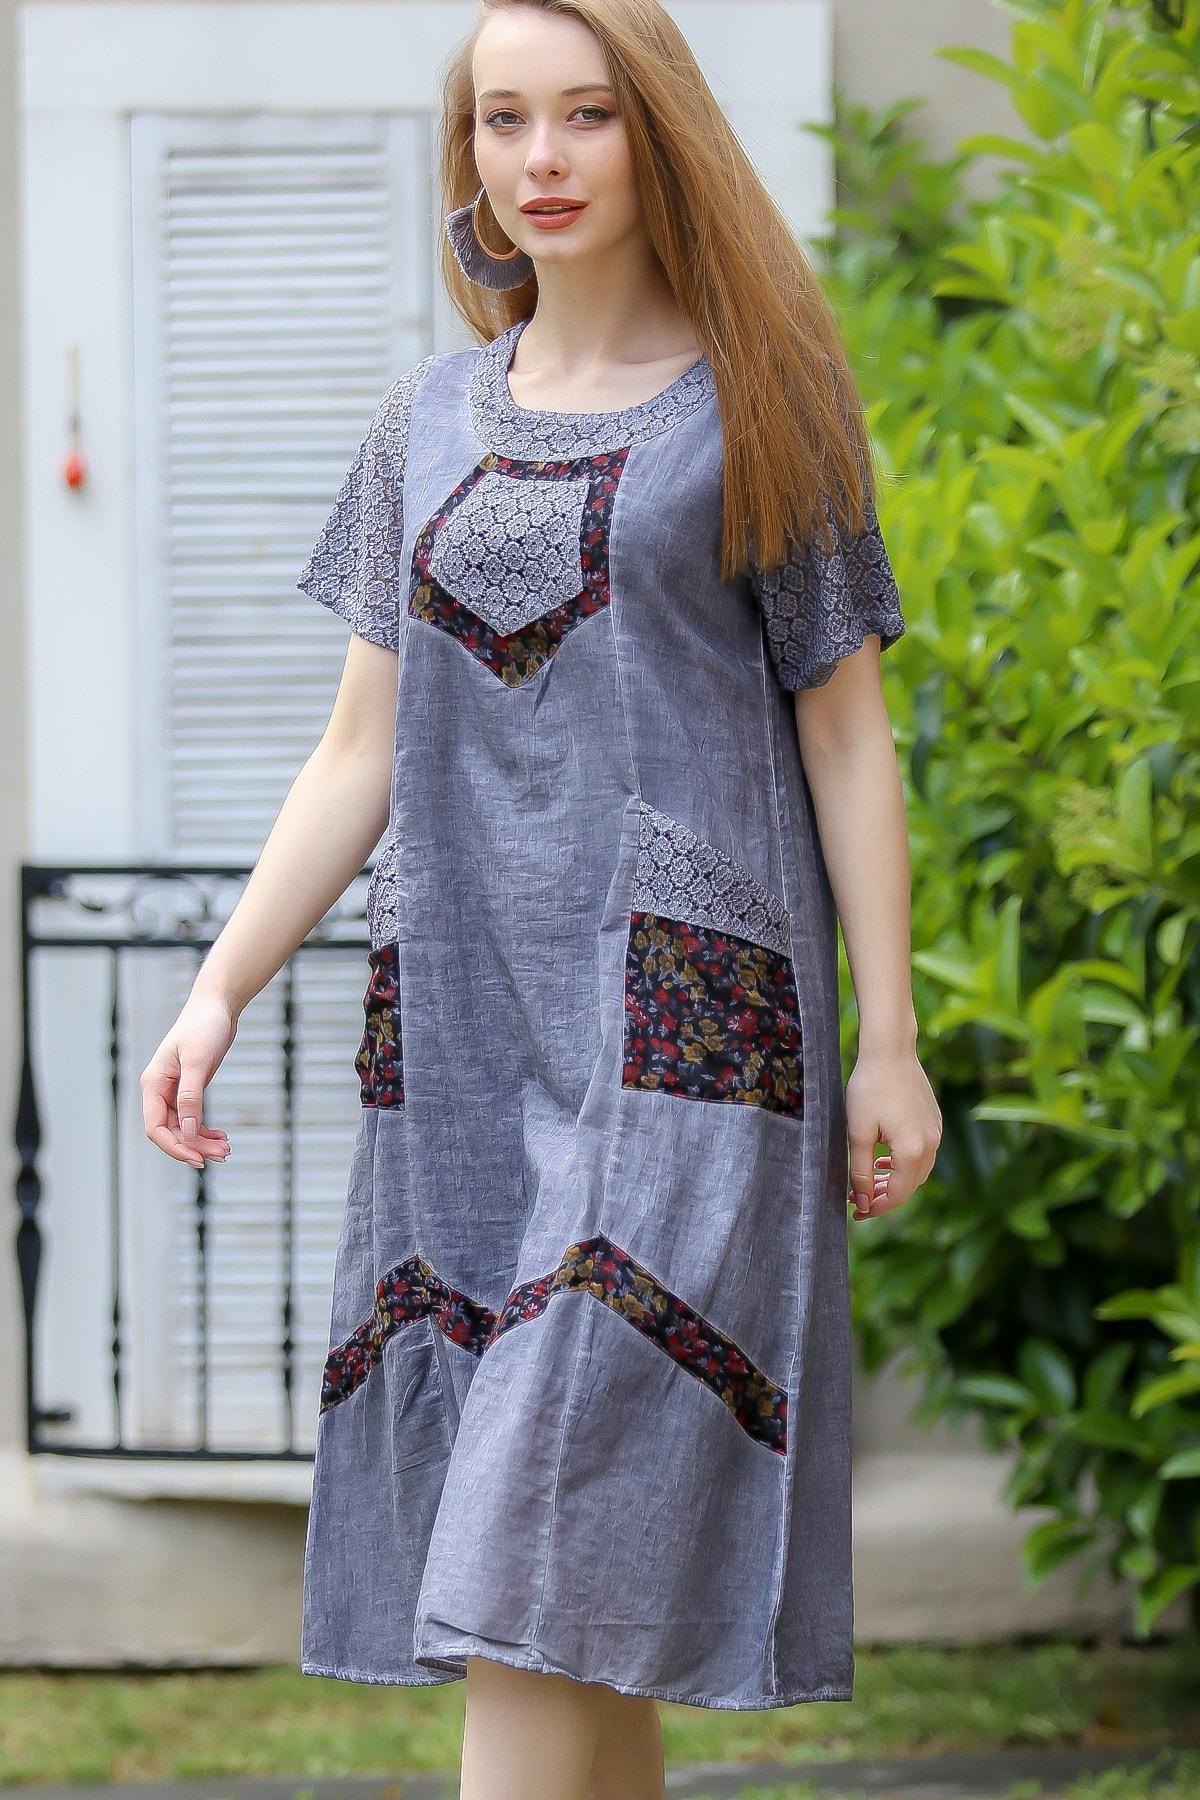 Chiccy Kadın Füme Bohem Dantel Kol Ve Detaylı Cepli Astarlı Yıkamalı Dokuma Elbise M10160000El97240